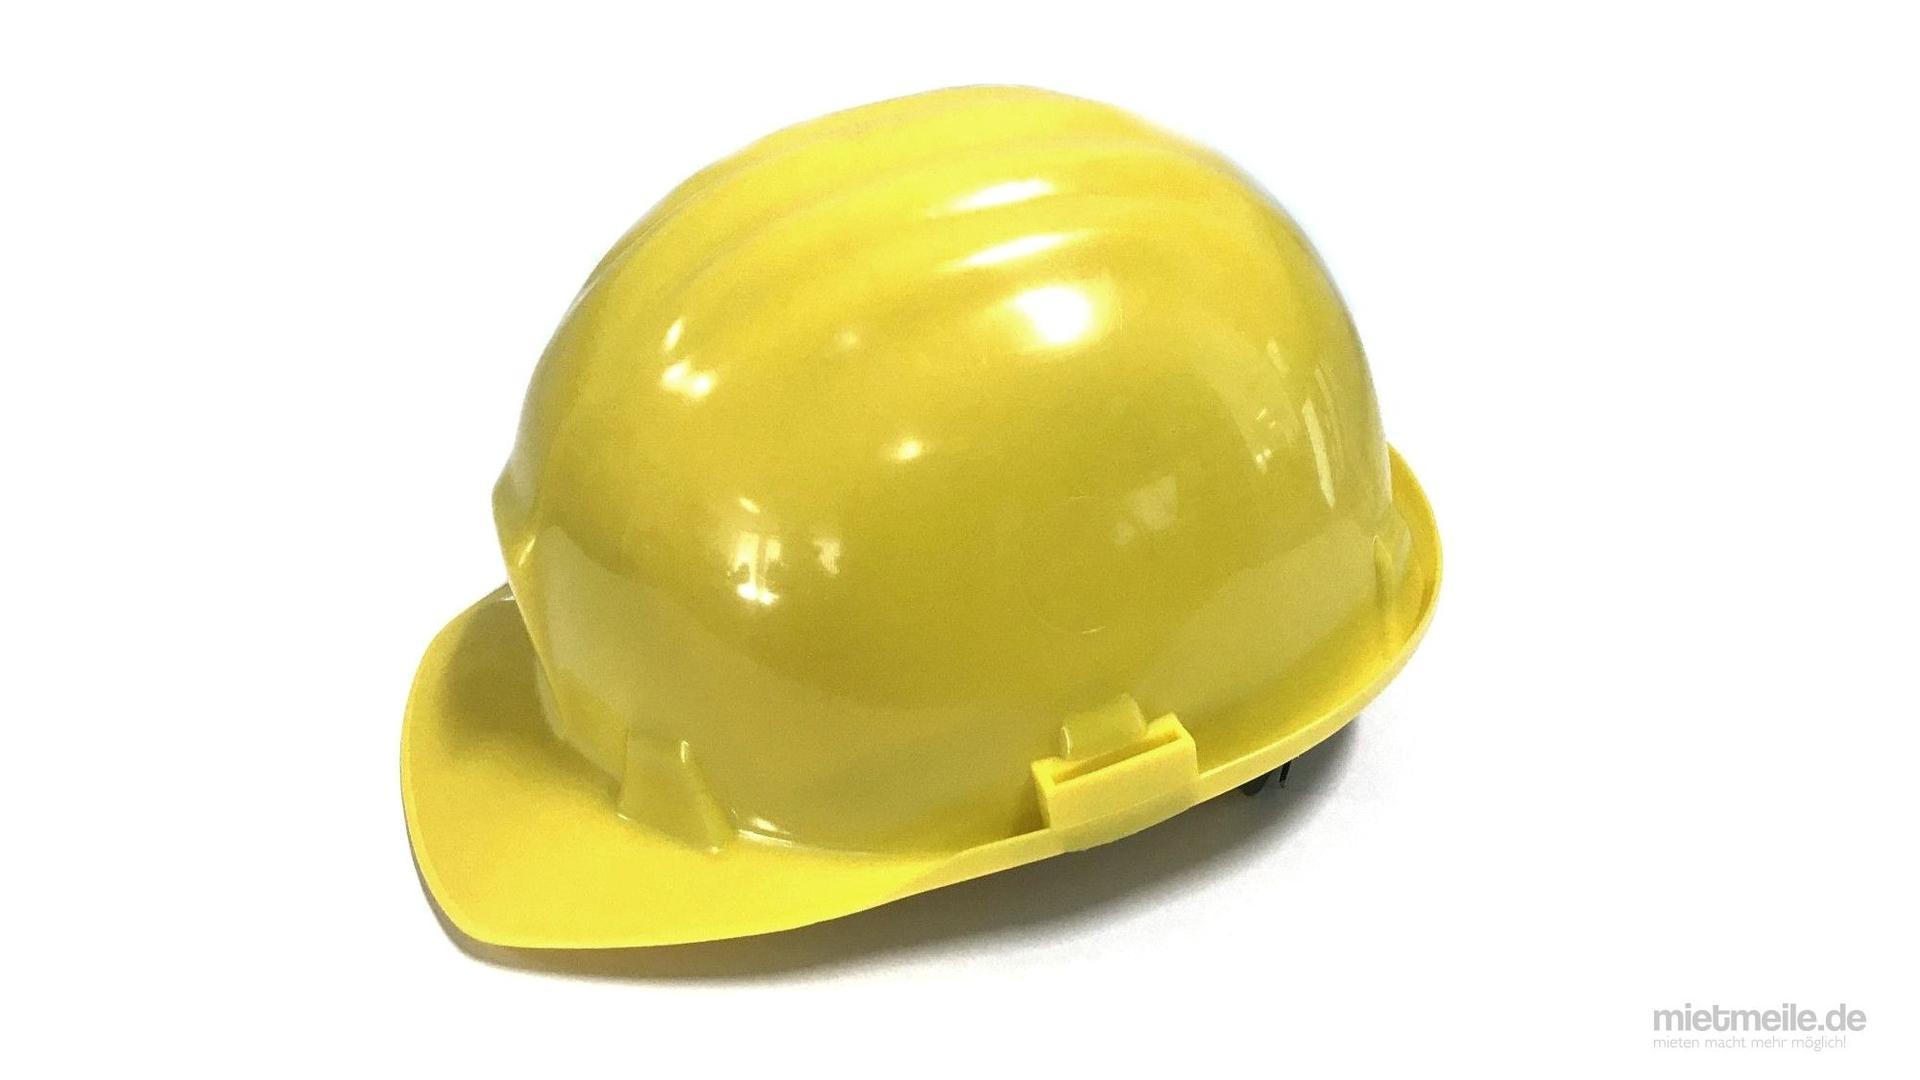 Arbeitsschutzausrüstung mieten & vermieten - Schutzhelm Bauhelm Arbeits-Helm Bauarbeiterhelm in Schkeuditz